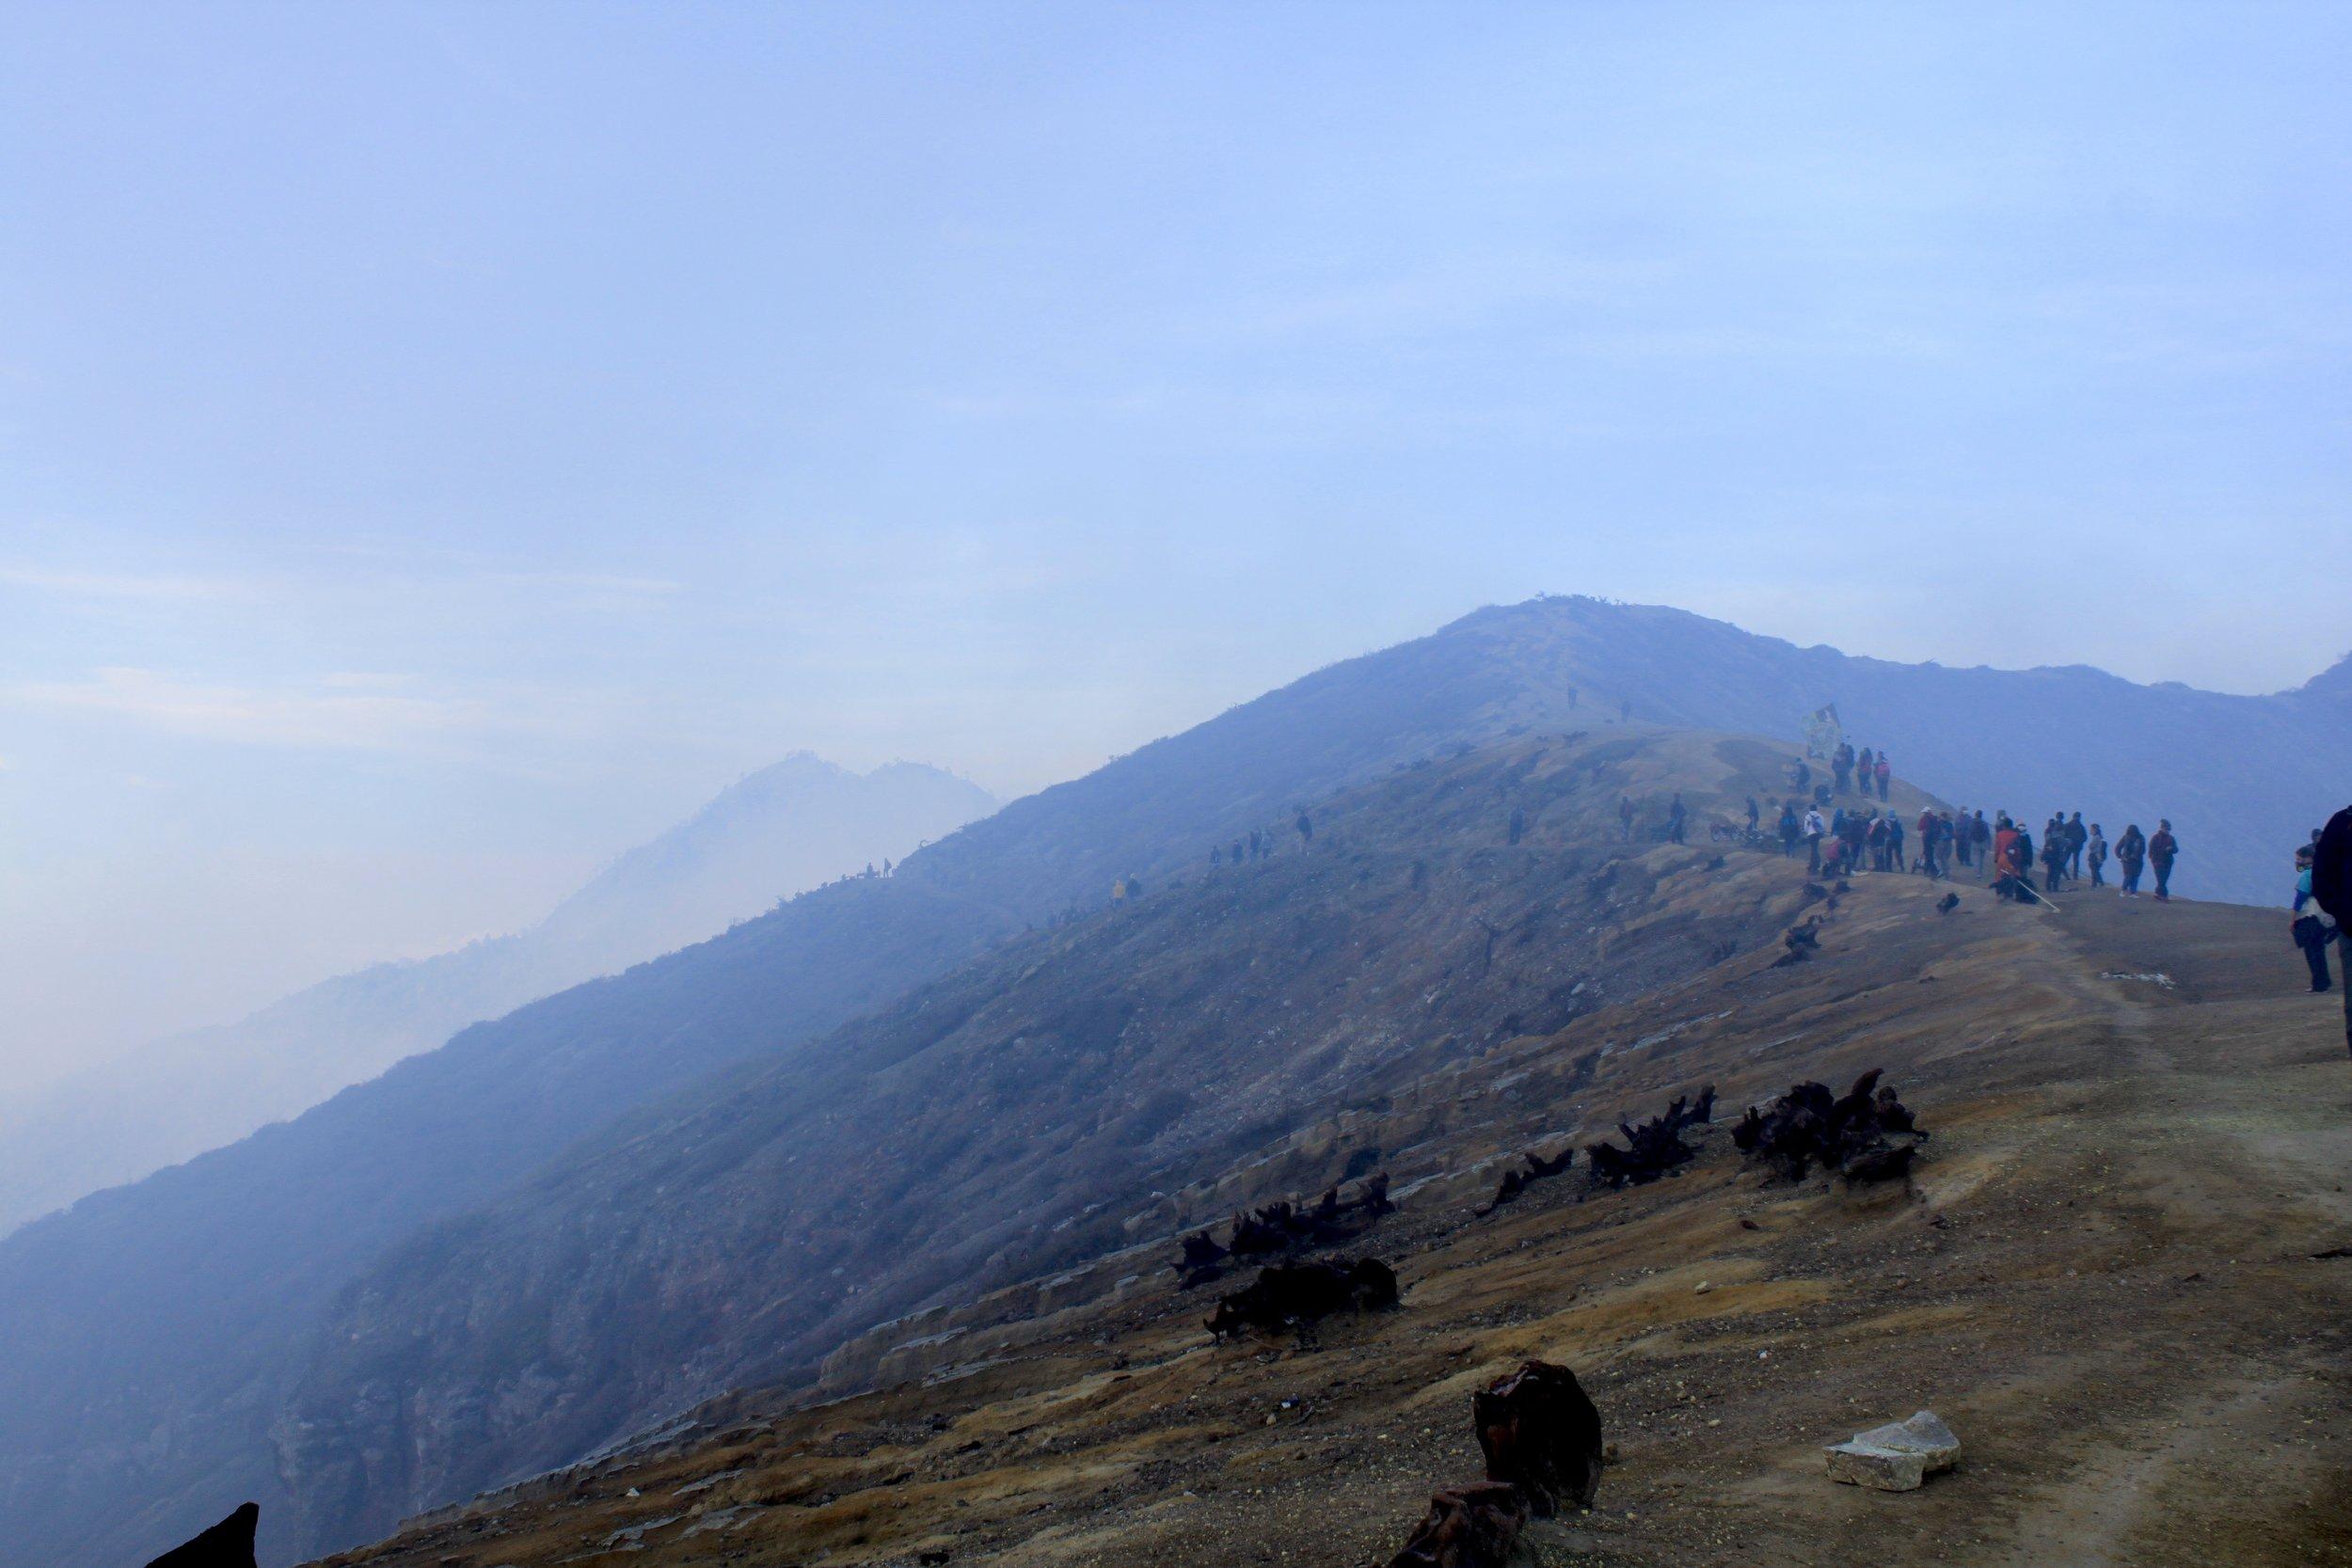 Mt. Ijen Crater Rim